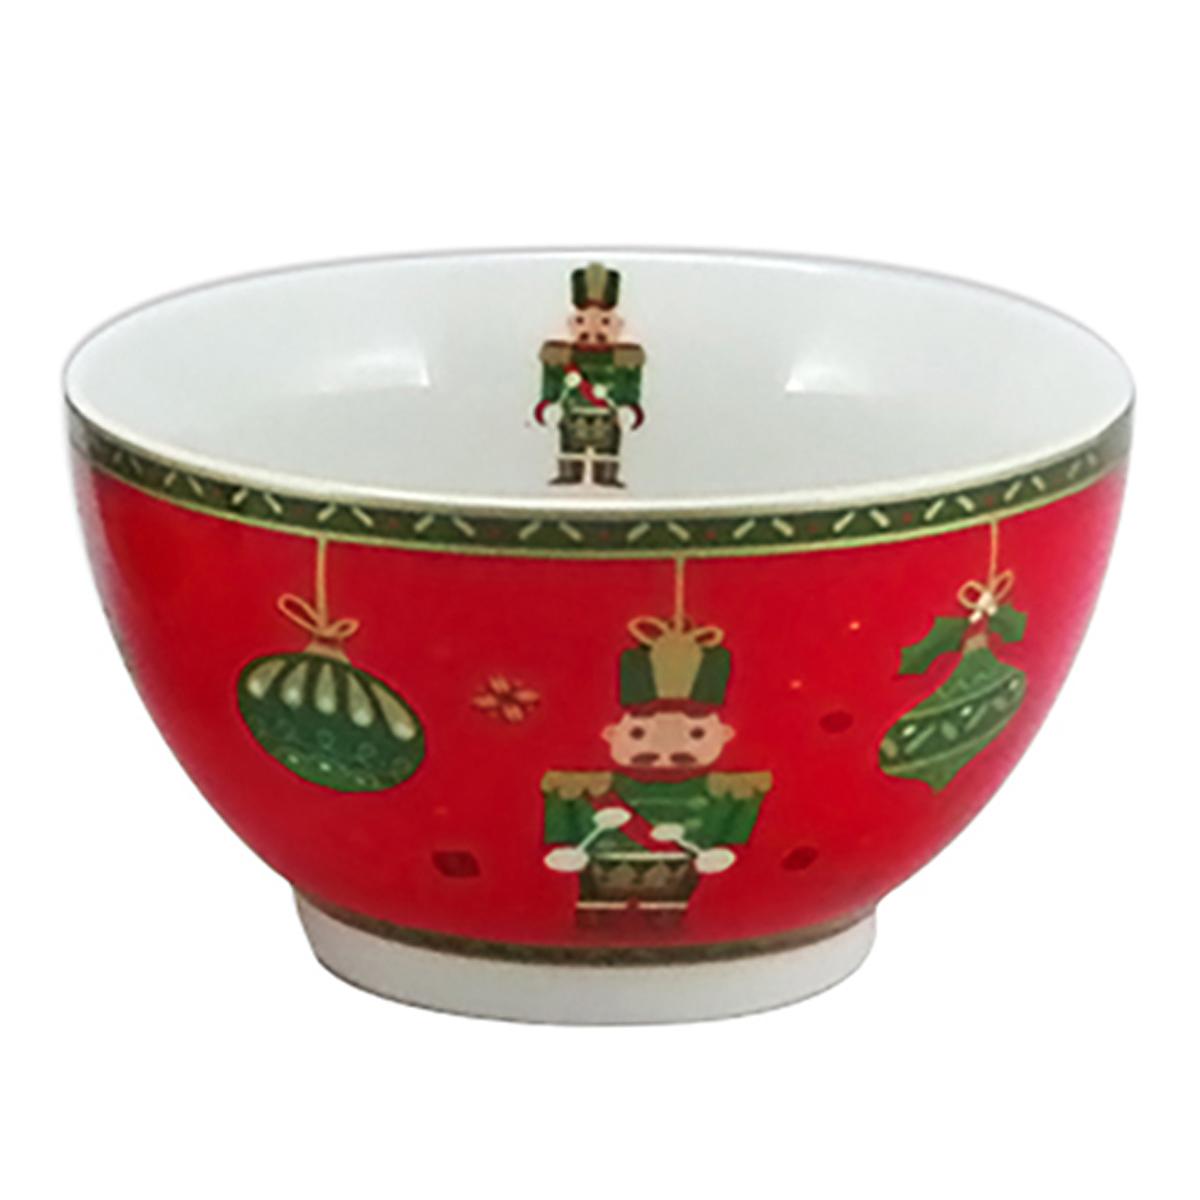 Bol porcelaine \'Casse-Noisette\' rouge vert (Noël) - 13x7 cm (48 cl) - [A3185]